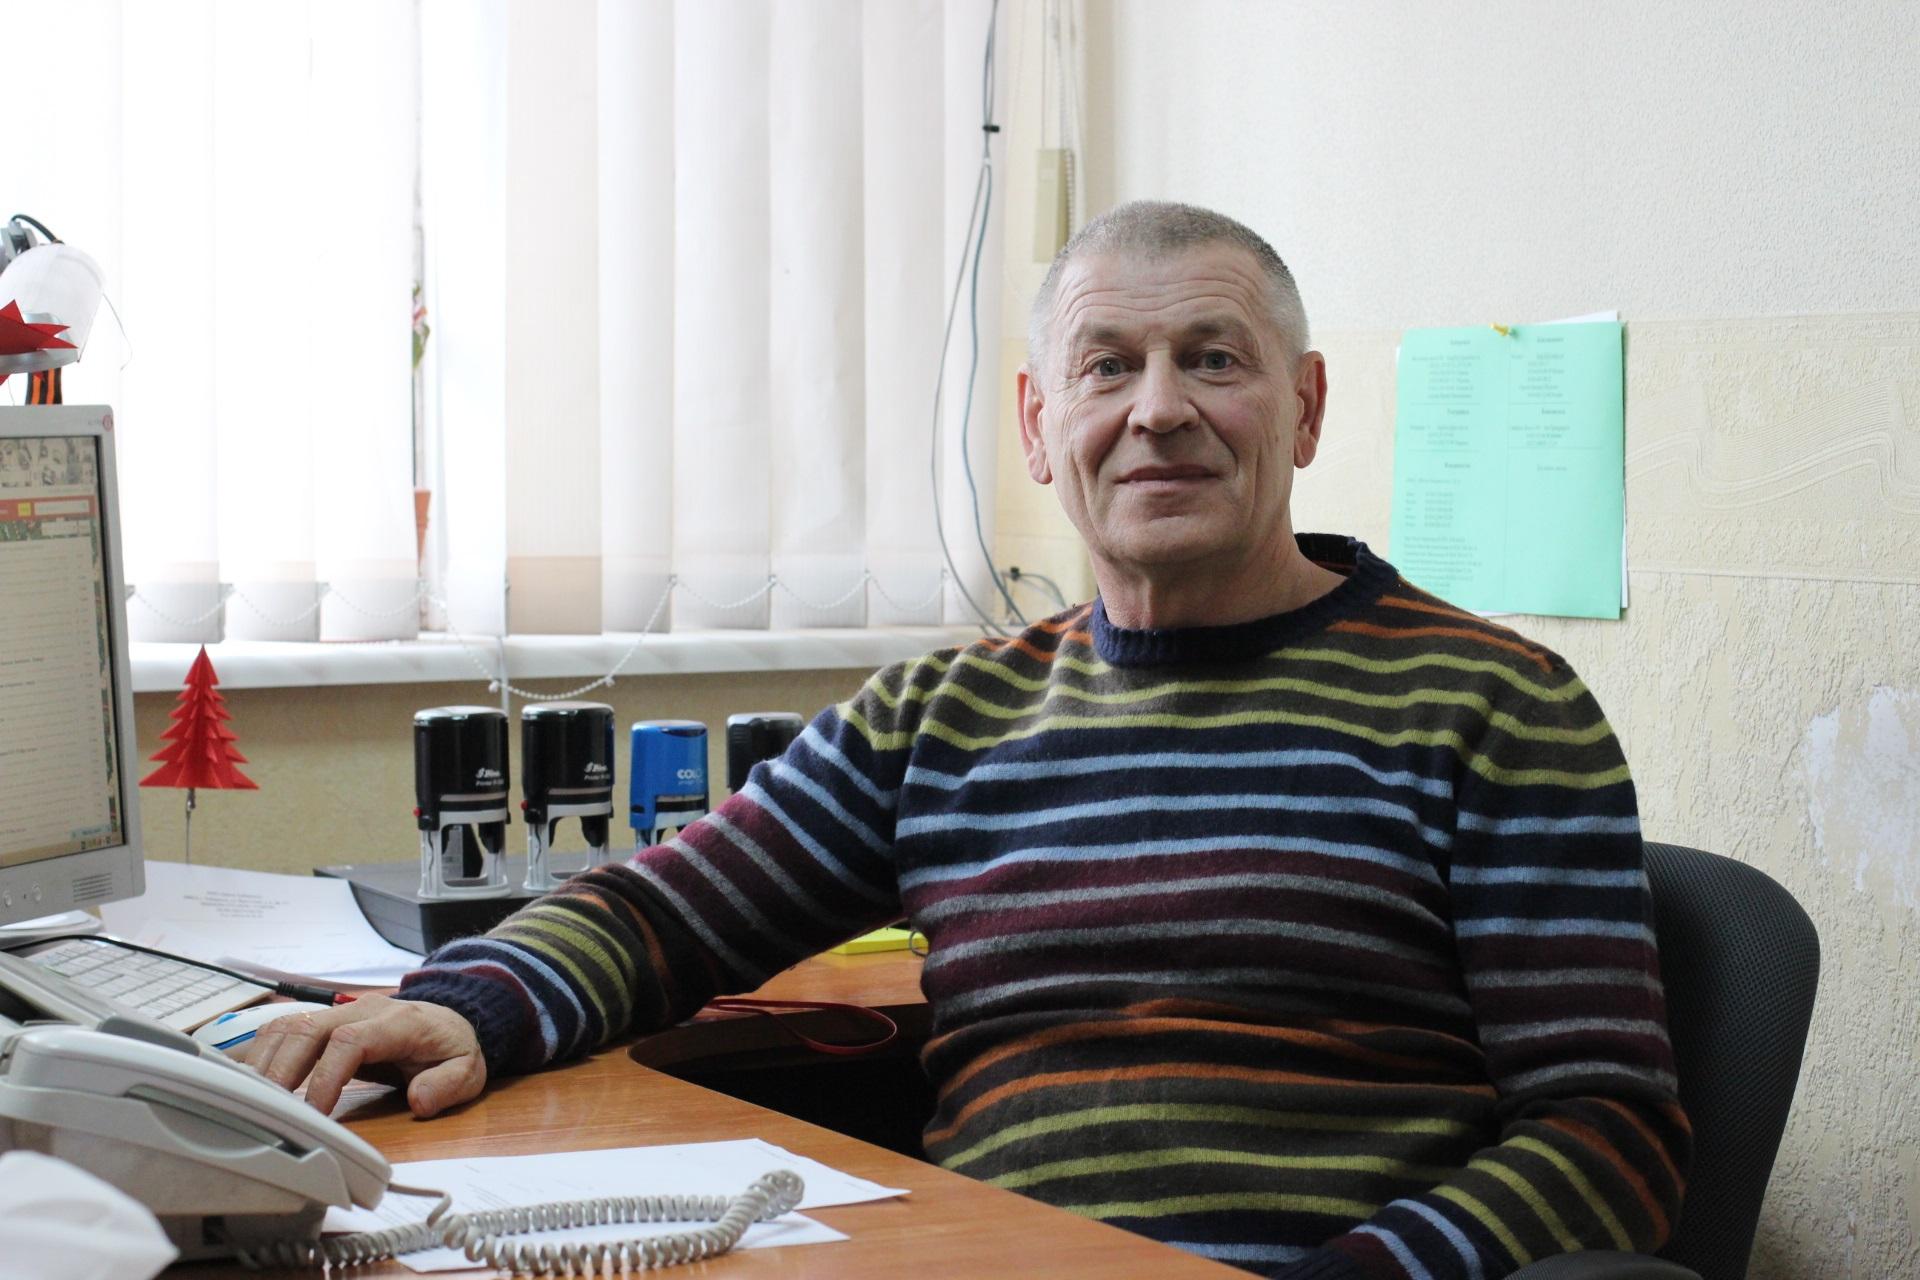 Охота на «перебитые автобусы» в Приморье: помощь адвокатов и острая необходимость диалога